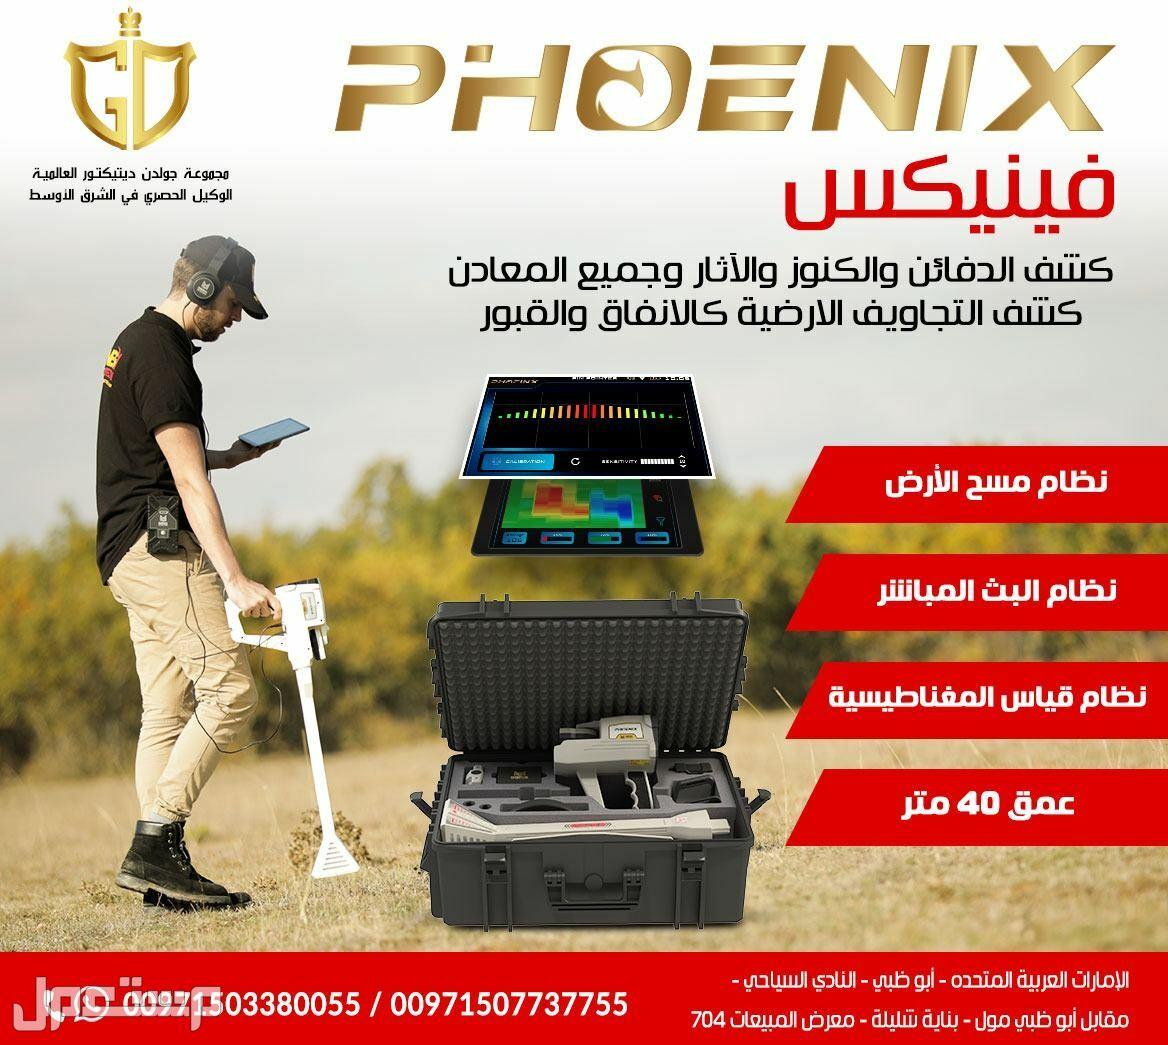 فينيكس Phoenix | جهاز كشف الذهب والمعادن